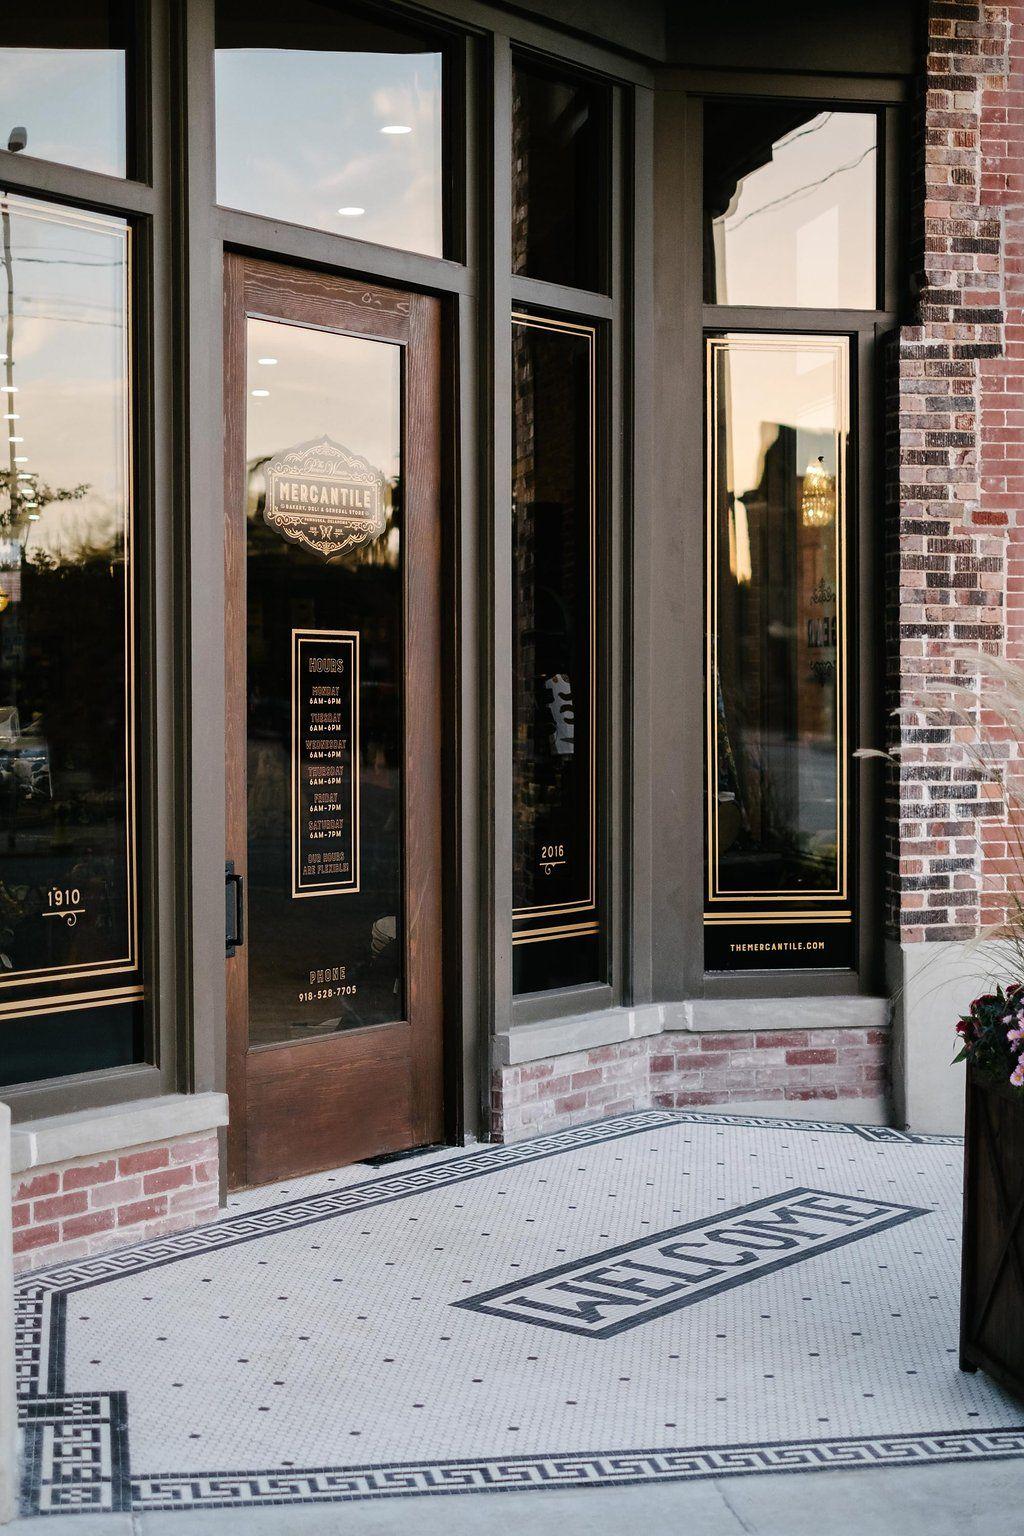 The Pioneer Woman Mercantile & Opening Week | Pioneer woman Doors and Bookstore design